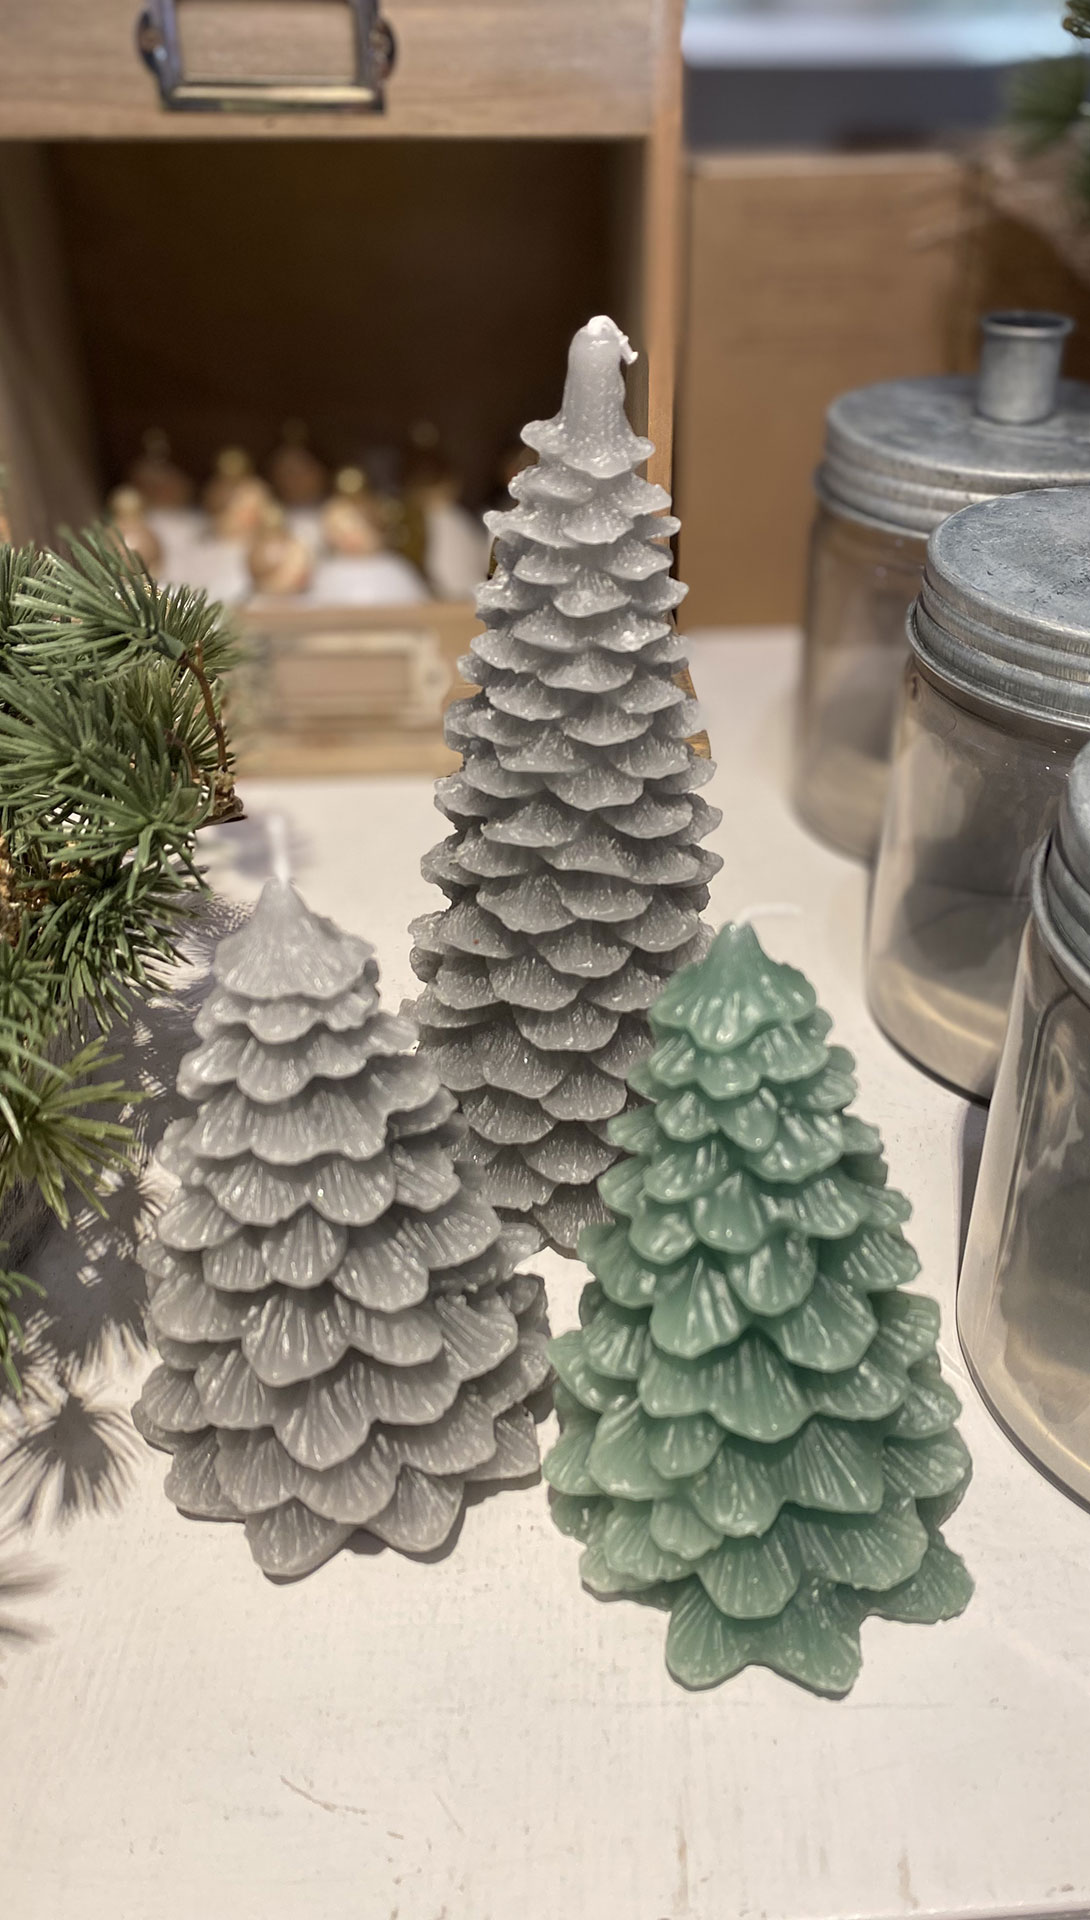 Kein Weihnachten ohne Adventskranz so  sieht der klassische Adventskranz aus desmondo